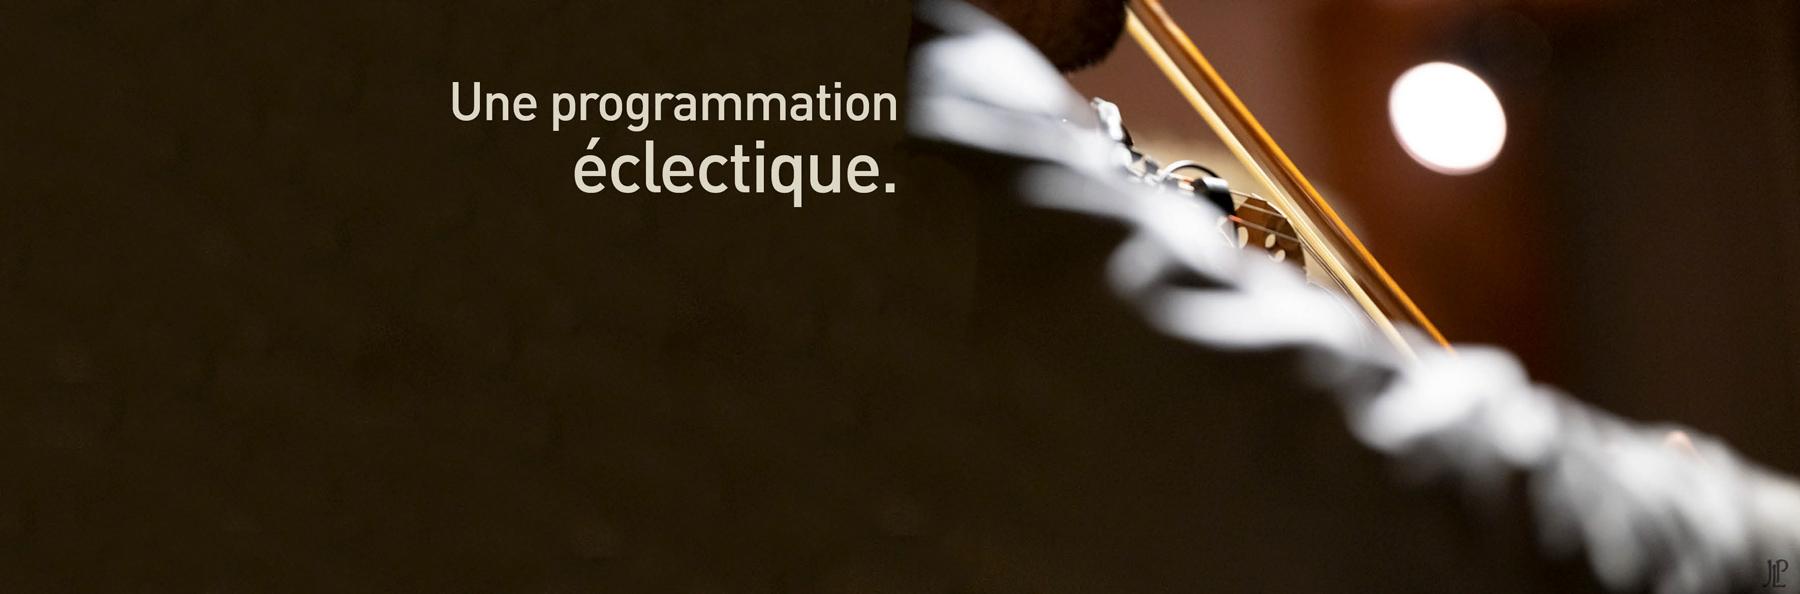 Une programmation éclectique